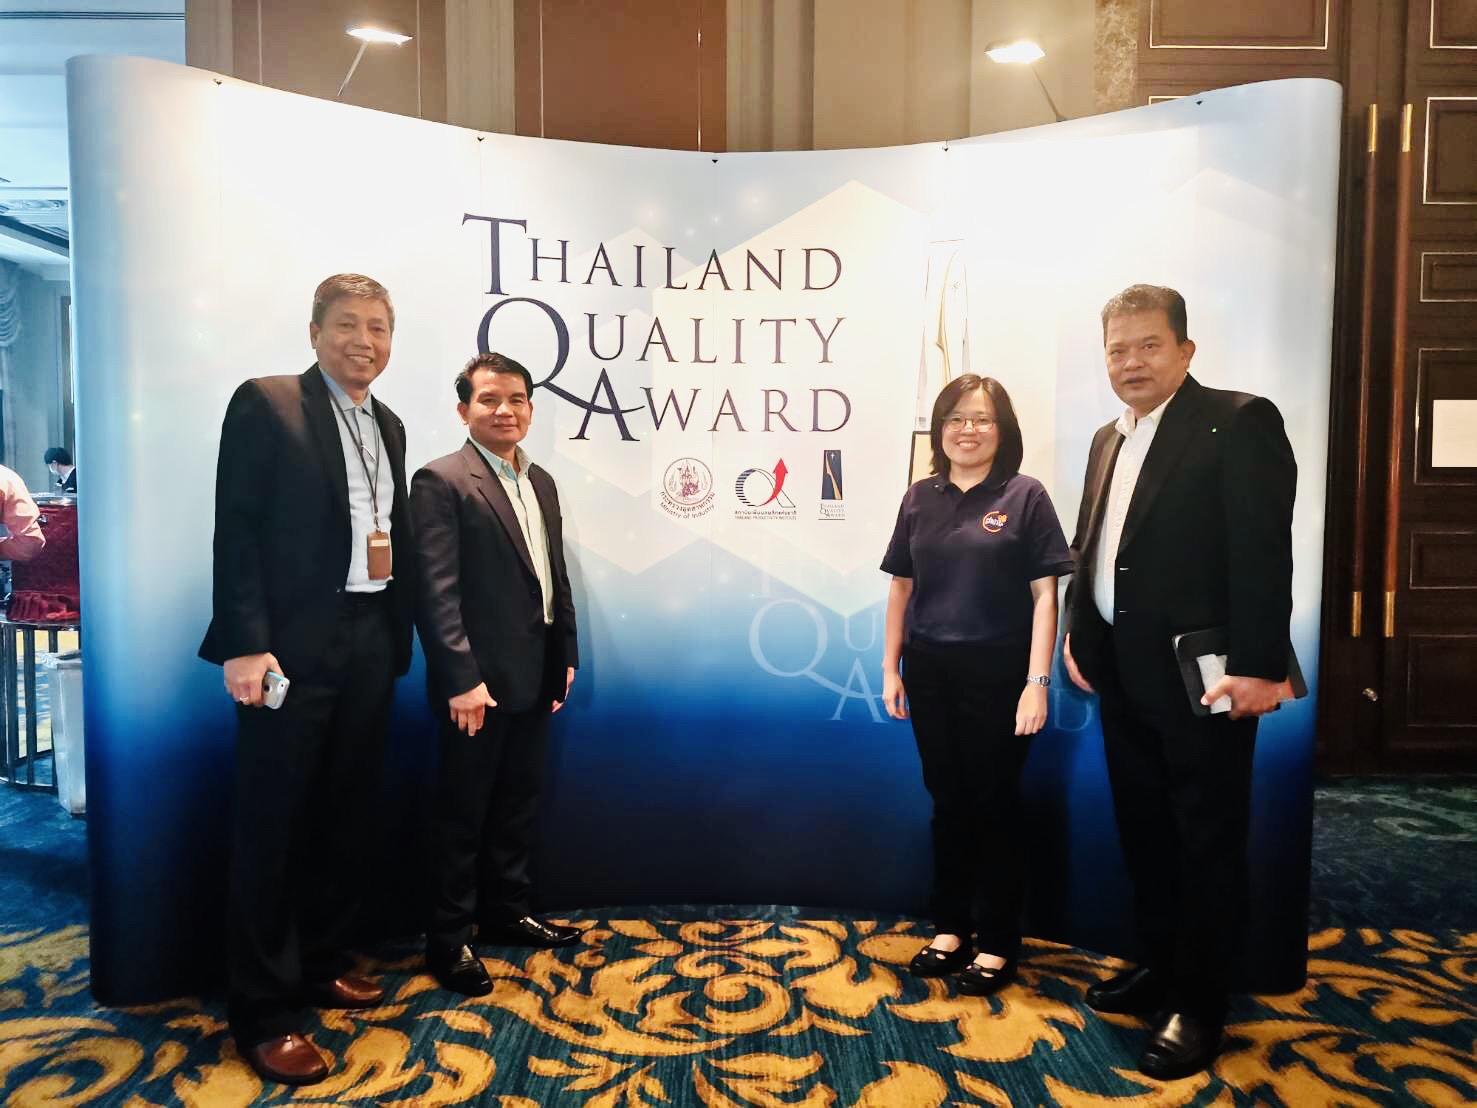 """ธ.ก.ส. ร่วมงาน Thailand Quality Award 2019 Winner Conference นายสันติ เจริญสุข และนายภานิต ภัทรสาริน ผู้ช่วยผู้จัดการธนาคารเพื่อการเกษตรและสหกรณ์การเกษตร (ธ.ก.ส.) พร้อมด้วยผู้บริหารและพนักงาน ร่วมงานสัมมนา """"Thailand Quality Award 2019 Winner Conference"""" จัดโดยสำนักงานรางวัลคุณภาพแห่งชาติ ซึ่งมีวัตถุประสงค์เพื่อเผยแพร่วิธีปฏิบัติในการนำองค์กรสู่ความเป็นเลิศจากองค์กรที่ได้รับรางวัลในปี 2562 รวมถึงส่งเสริมแนวทางการบริหารจัดการตามเกณฑ์รางวัลคุณภาพแห่งชาติ (TQA) และสร้างความตระหนักให้แก่องค์กรอื่น ๆ ถึงประโยชน์ที่ได้รับจากการนำแนวทางเกณฑ์ TQA ไปประยุกต์ใช้ โดย ธ.ก.ส. เป็นหนึ่งในองค์กรที่ได้รับรางวัลการบริหารสู่ ความเป็นเลิศ (Thailand Quality Class : TQC) นอกจากนี้ นายสันติ เจริญสุข ผู้ช่วยผู้จัดการ ธ.ก.ส. ได้ร่วมเสวนาประสบการณ์เส้นทางแห่งการสั่งสมความรู้และประสบการณ์ หัวข้อ """"การสร้างบรรยากาศในการทำงานเพื่อผลการดำเนินงานที่ดี"""" ณ ห้องเมแฟร์ บอลรูม ชั้น 5 โรงแรม เดอะ เบอร์เคลีย์ ประตูน้ำ กรุงเทพฯ เมื่อวันที่ 6 สิงหาคม 2563"""